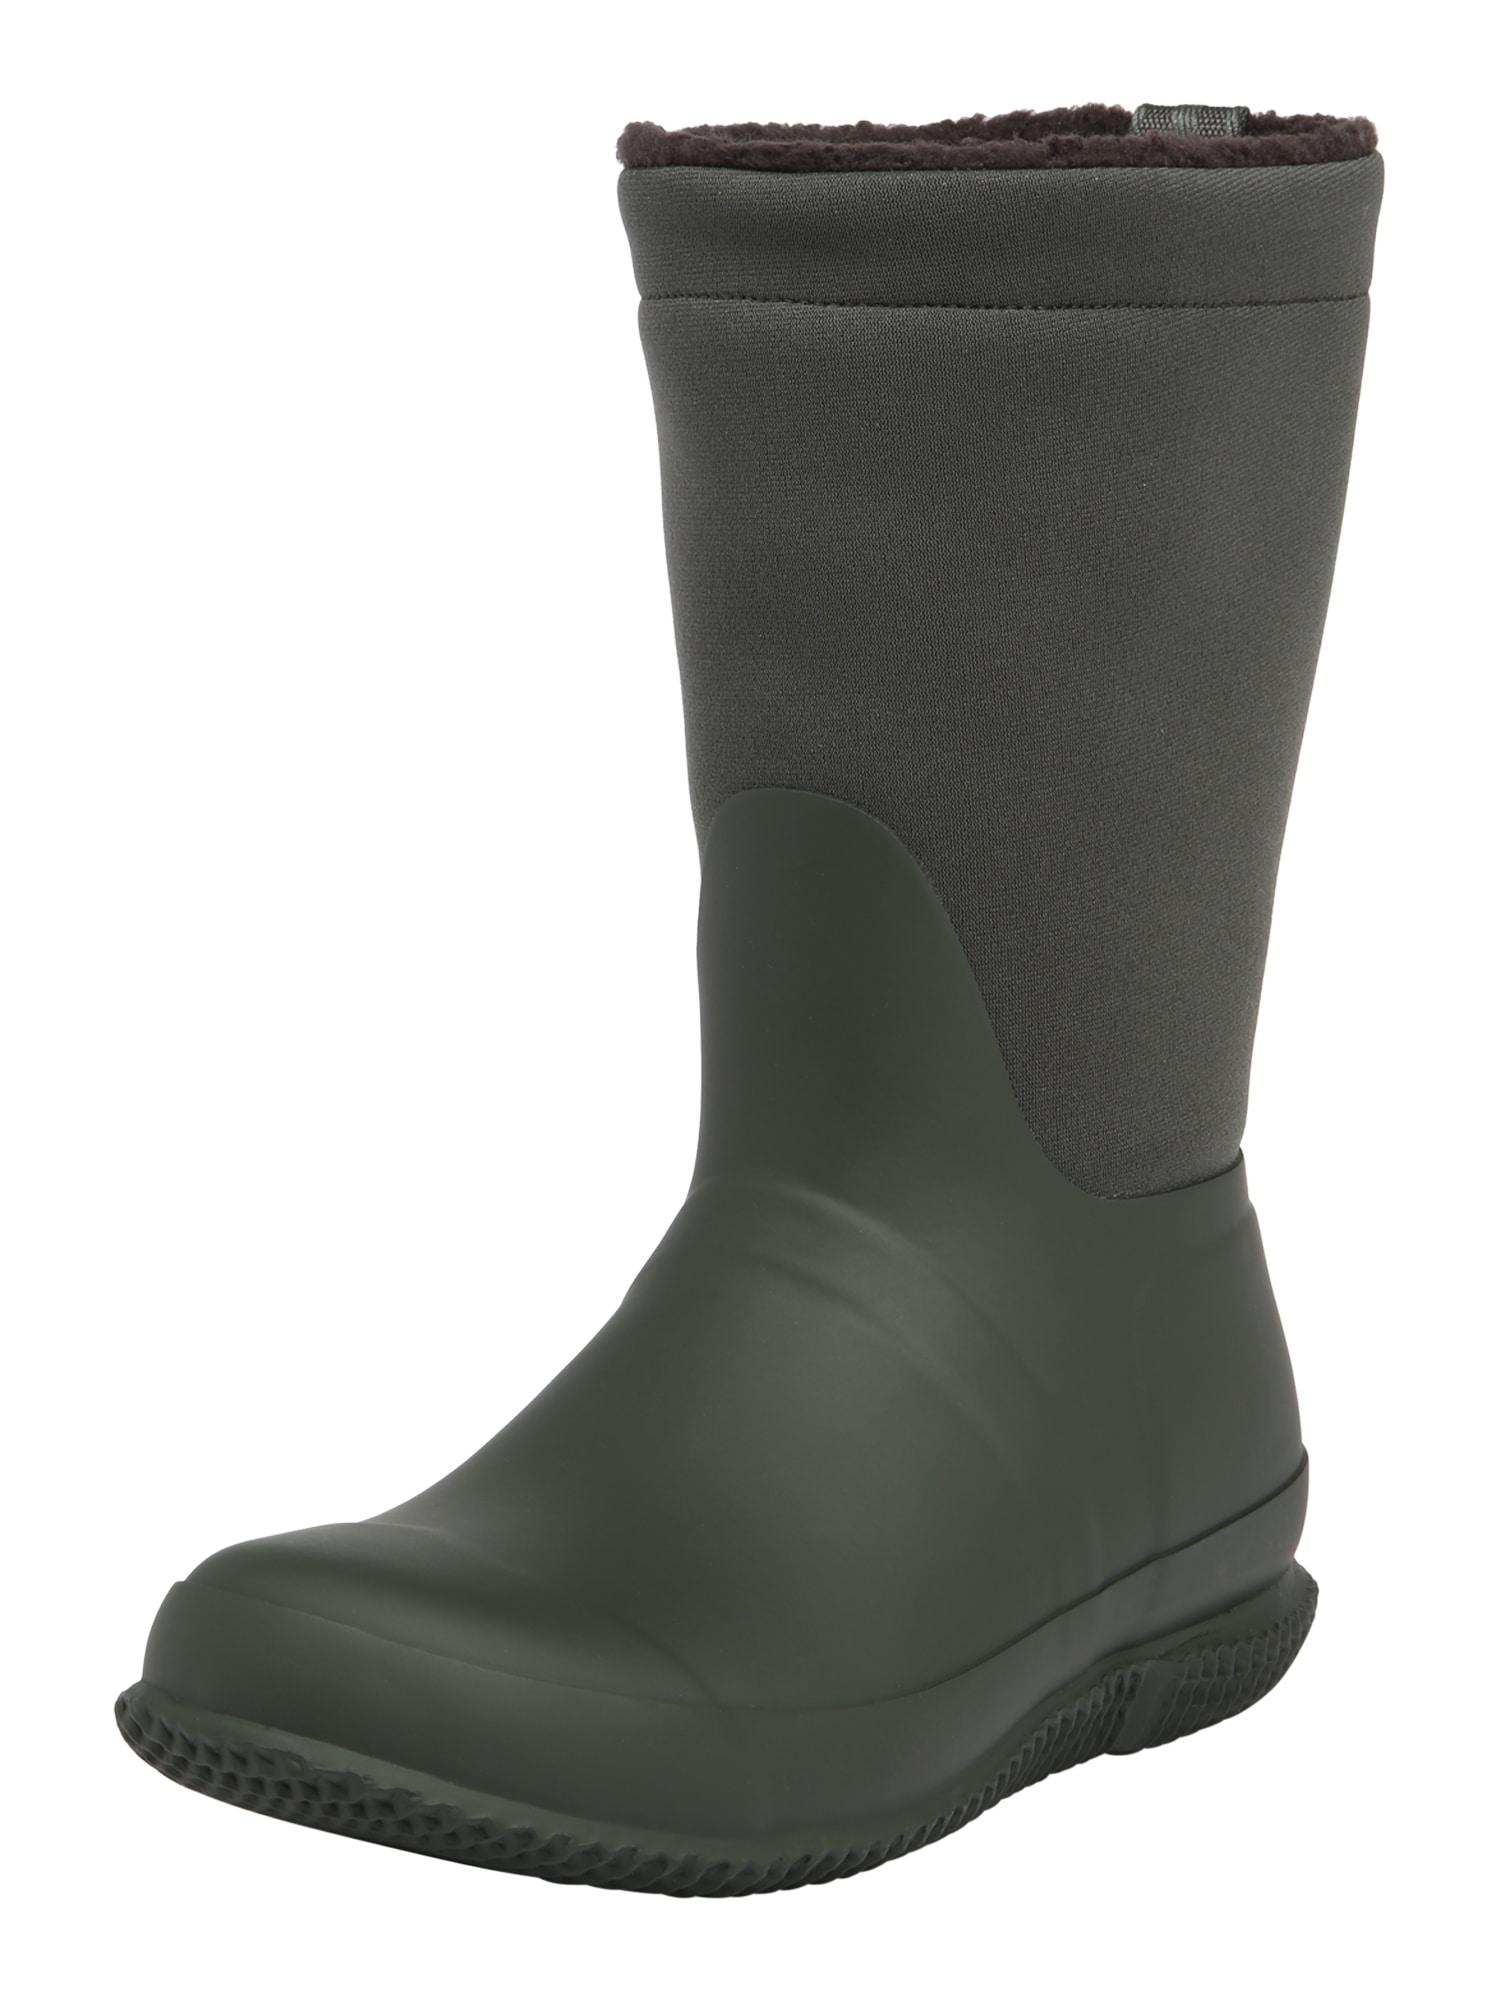 HUNTER Guminiai batai alyvuogių spalva